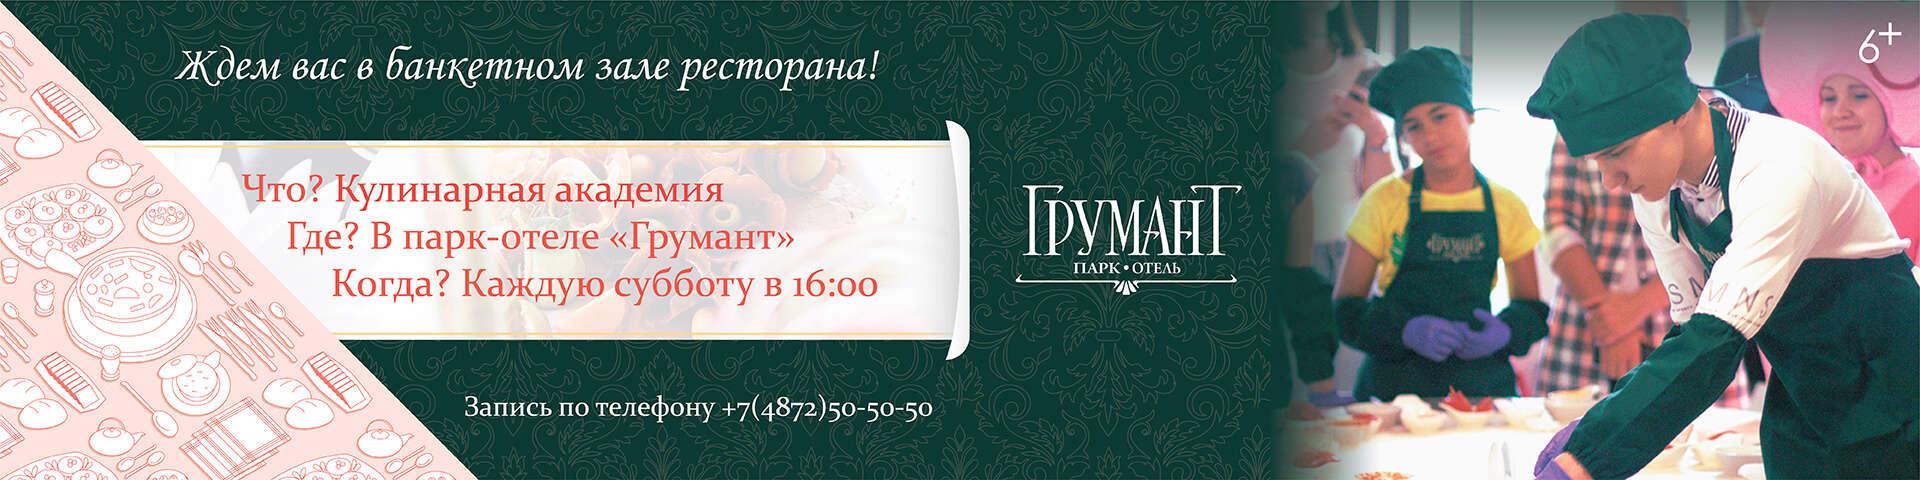 Кулинарная академия в загородном отеле ГРУМАНТ Resort & SPA, недалеко от Москвы, Тульская область